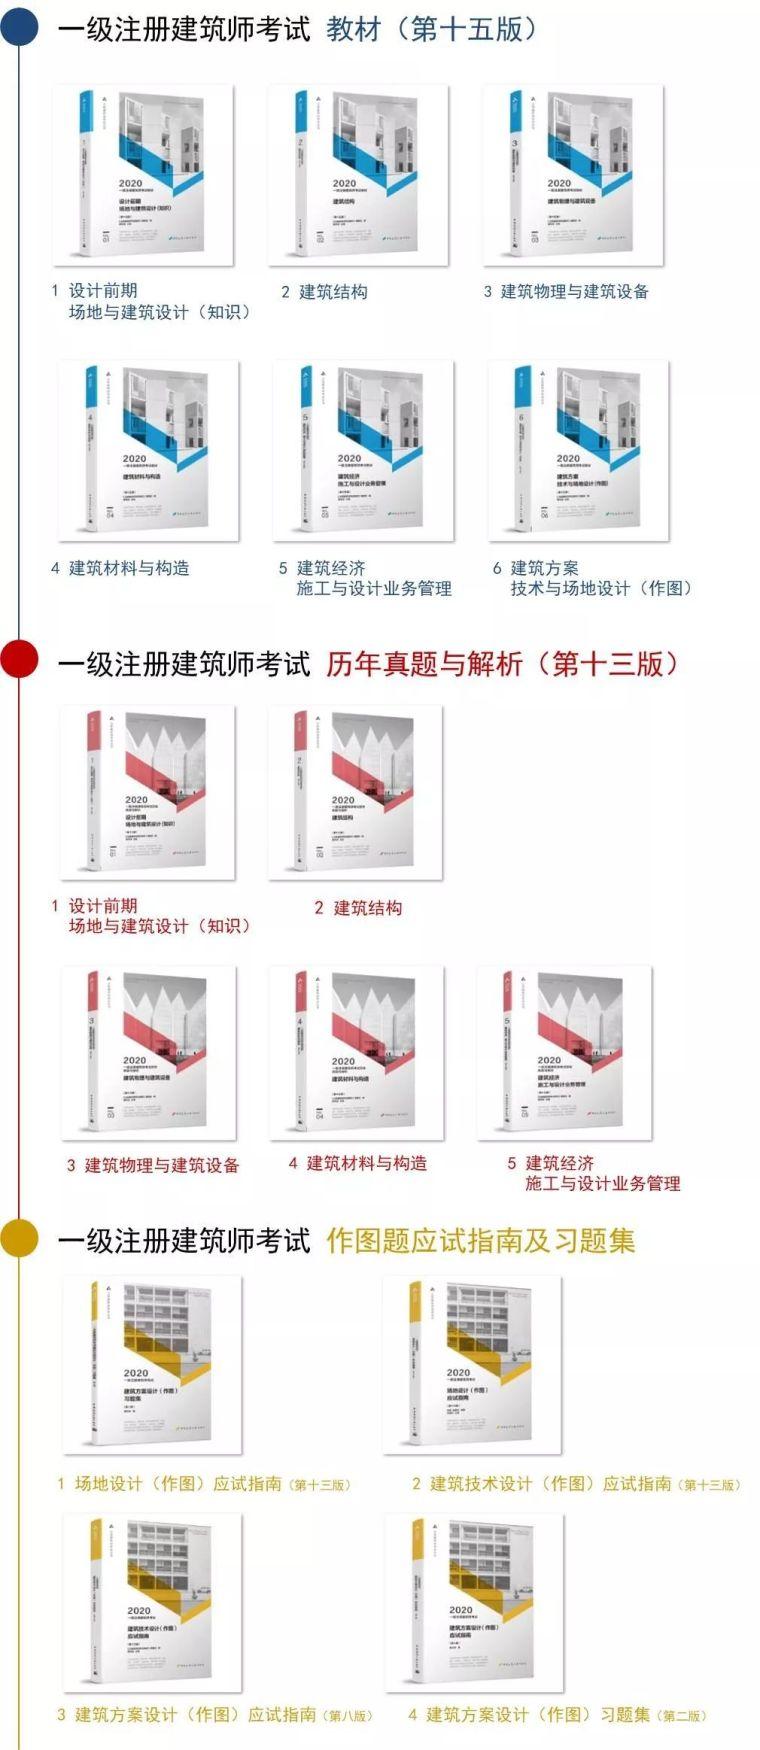 2020版《注册建筑师考试丛书》全面修订!!